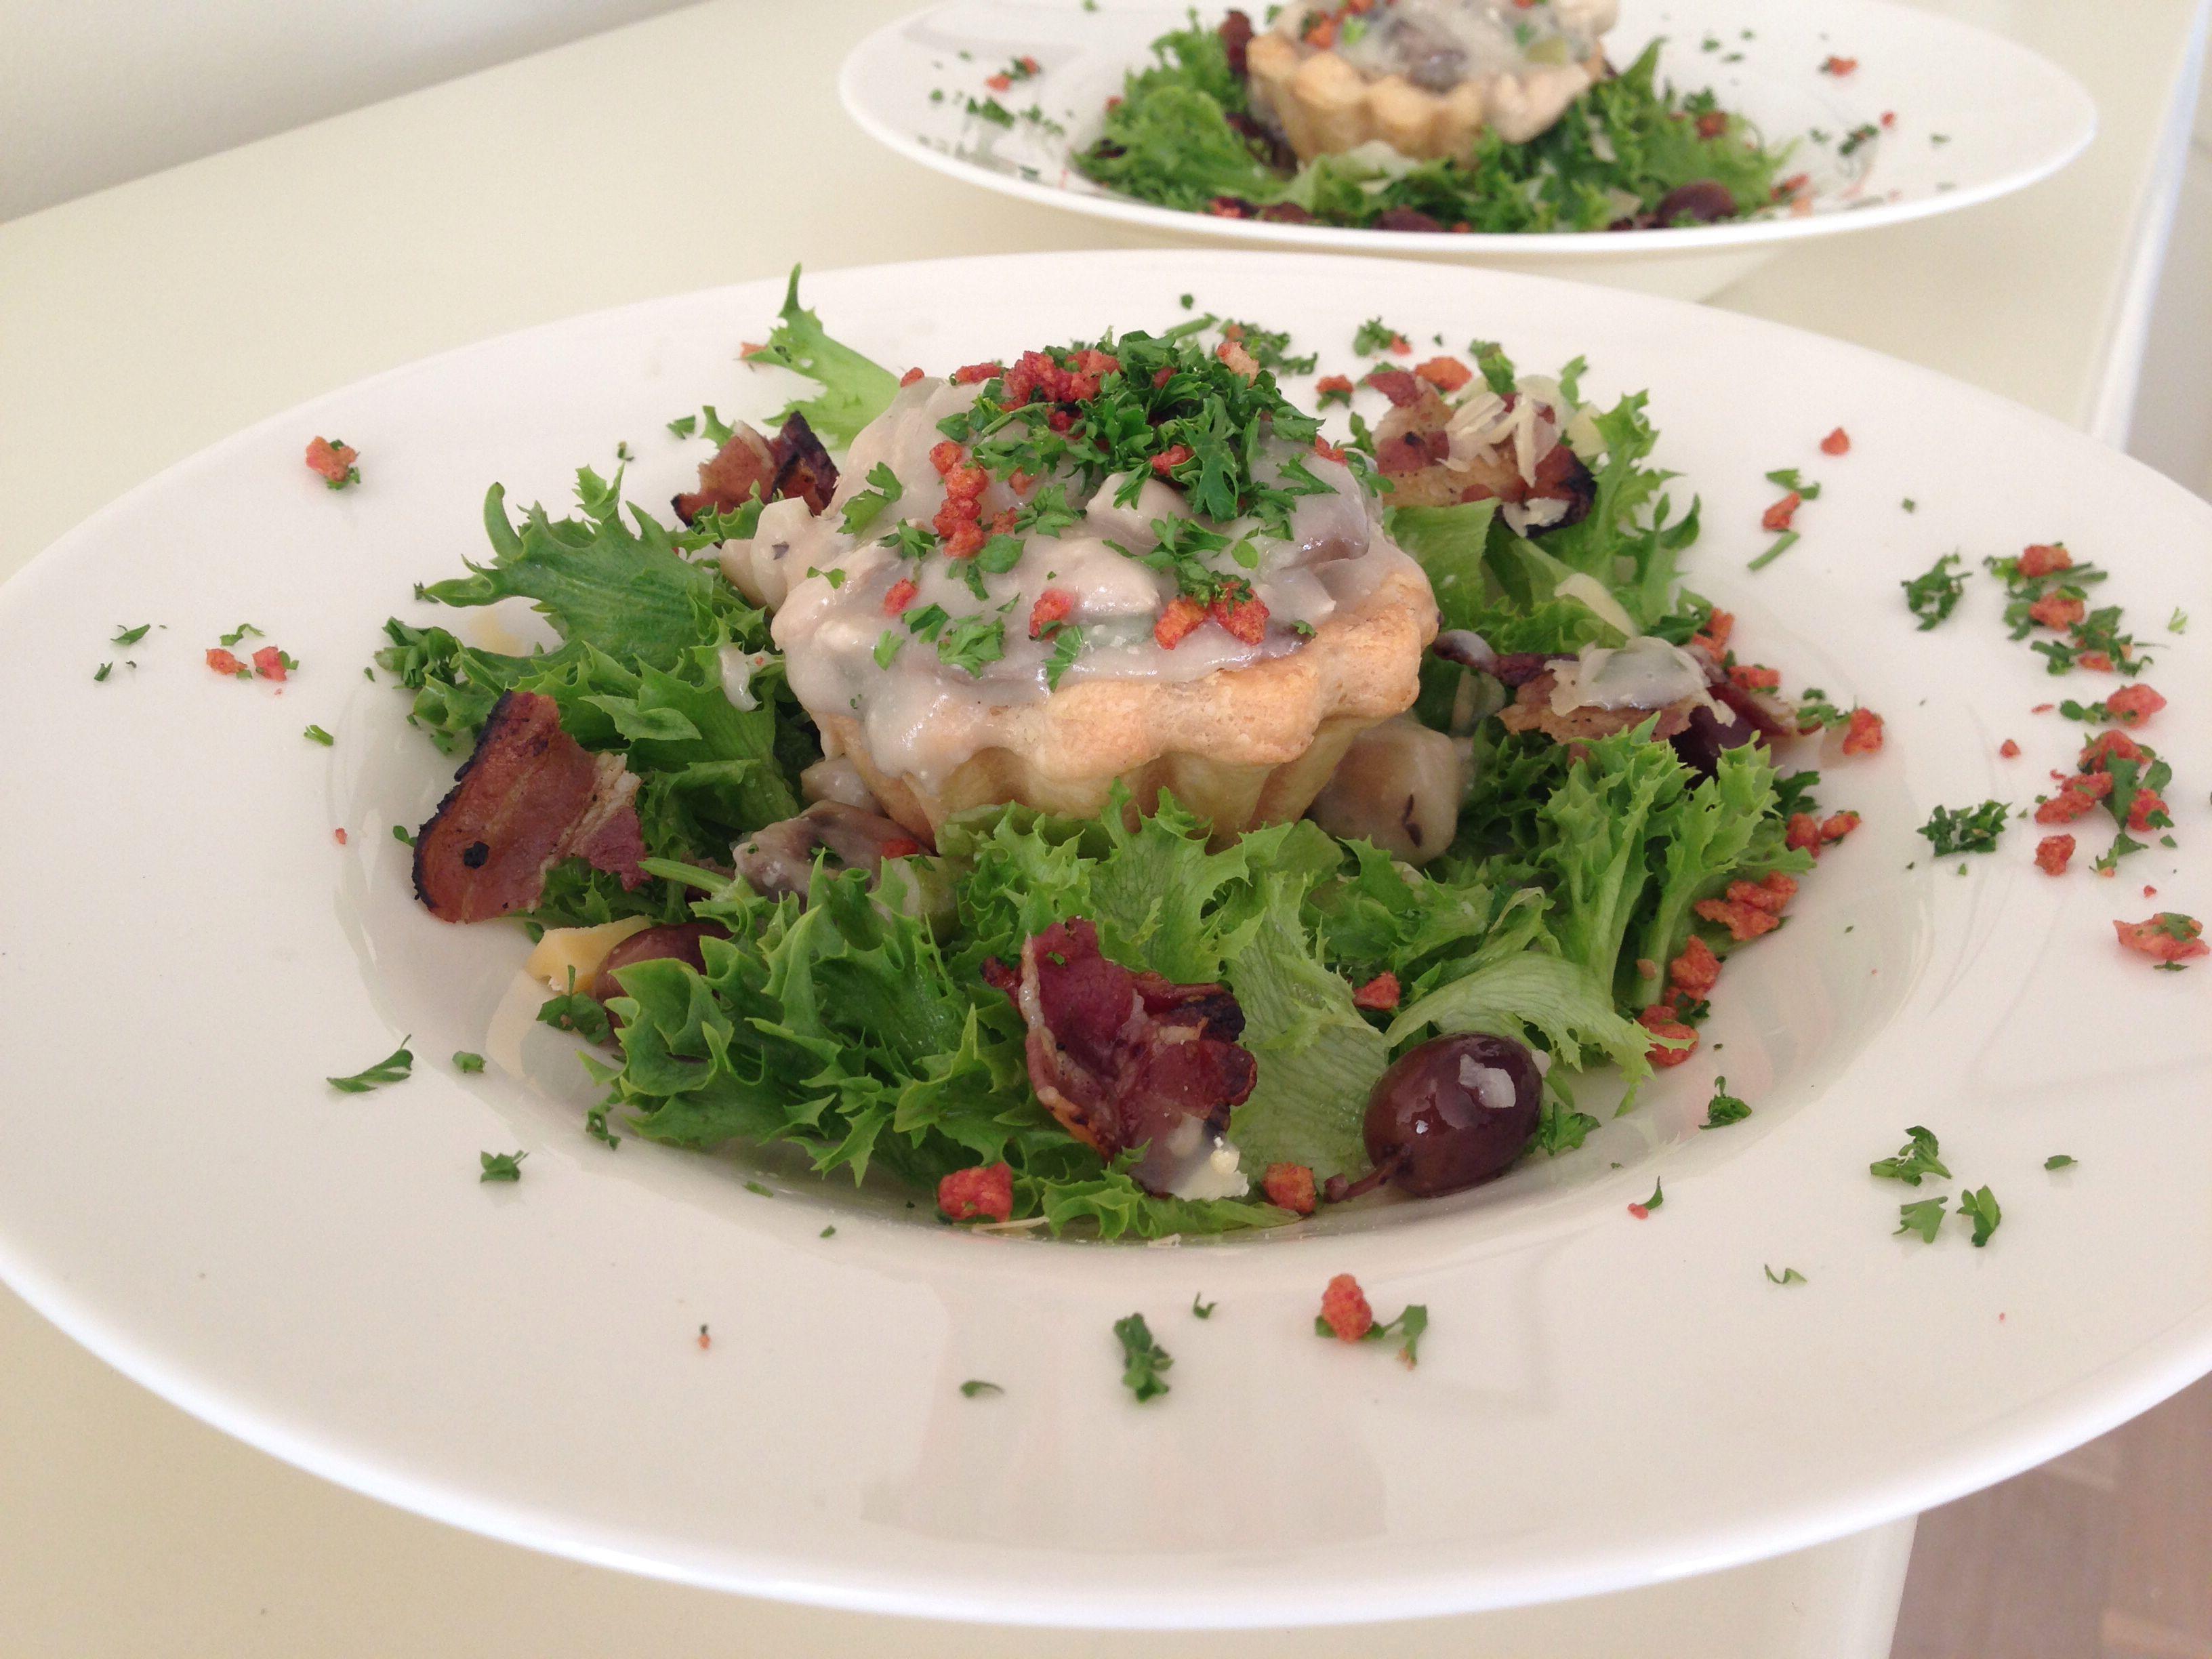 Lækker tartelet med unghane filet og svampe i sauce. Sprød salat med bacon og oliven.